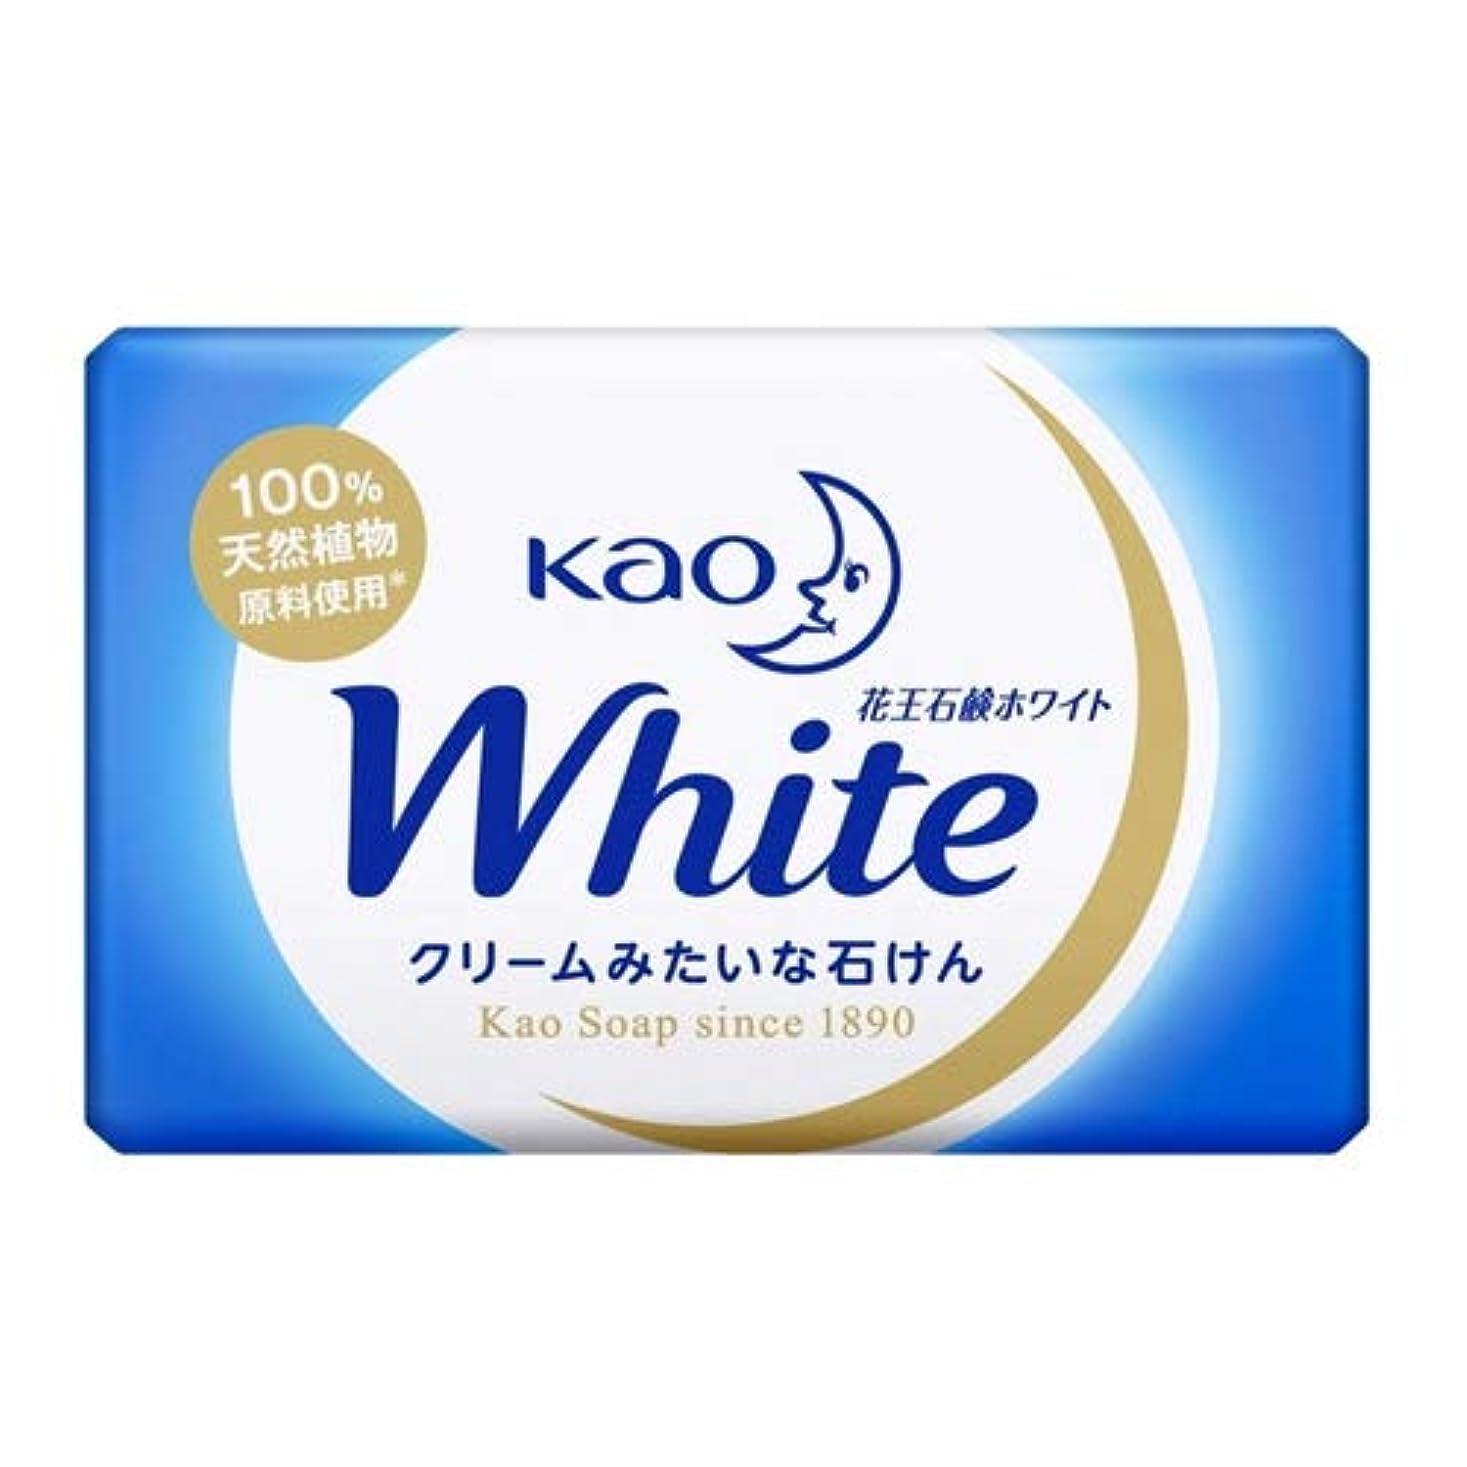 国際悪魔不屈花王石鹸ホワイト 業務用ミニサイズ 15g × 10個セット